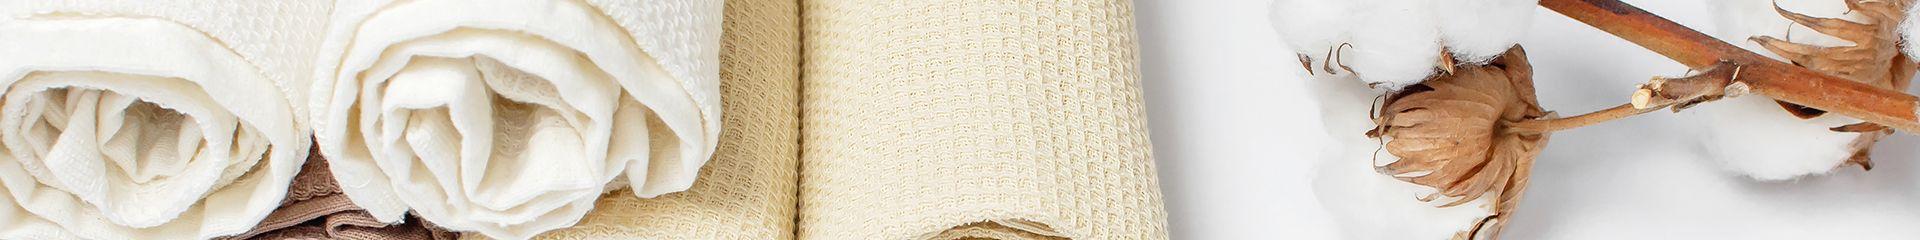 Coton Nid D'abeille